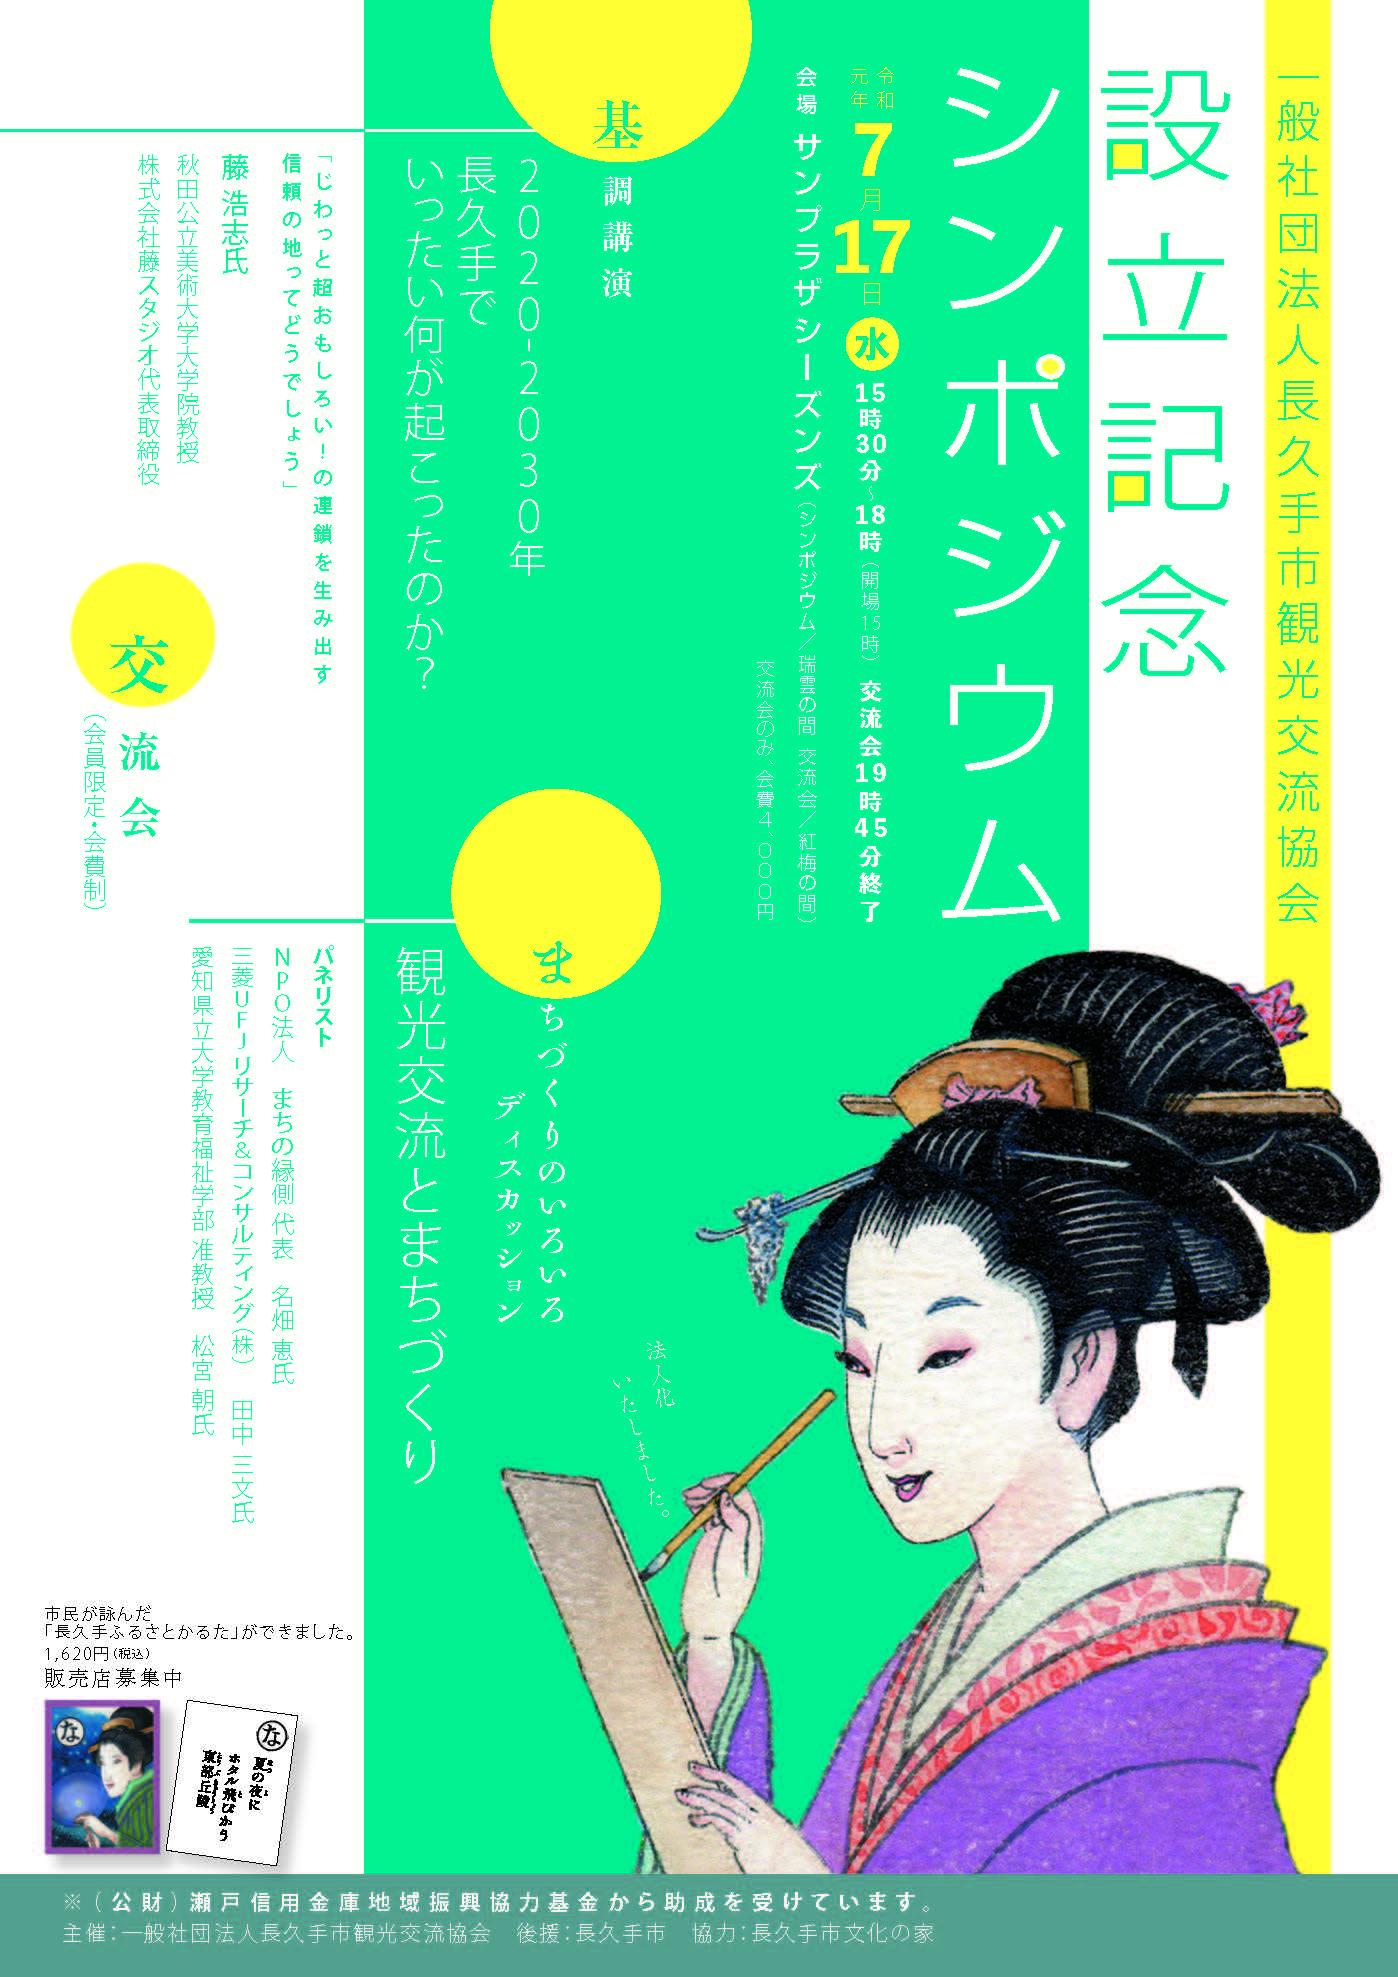 長久手市観光交流協会設立記念シンポジウム(名古屋市)